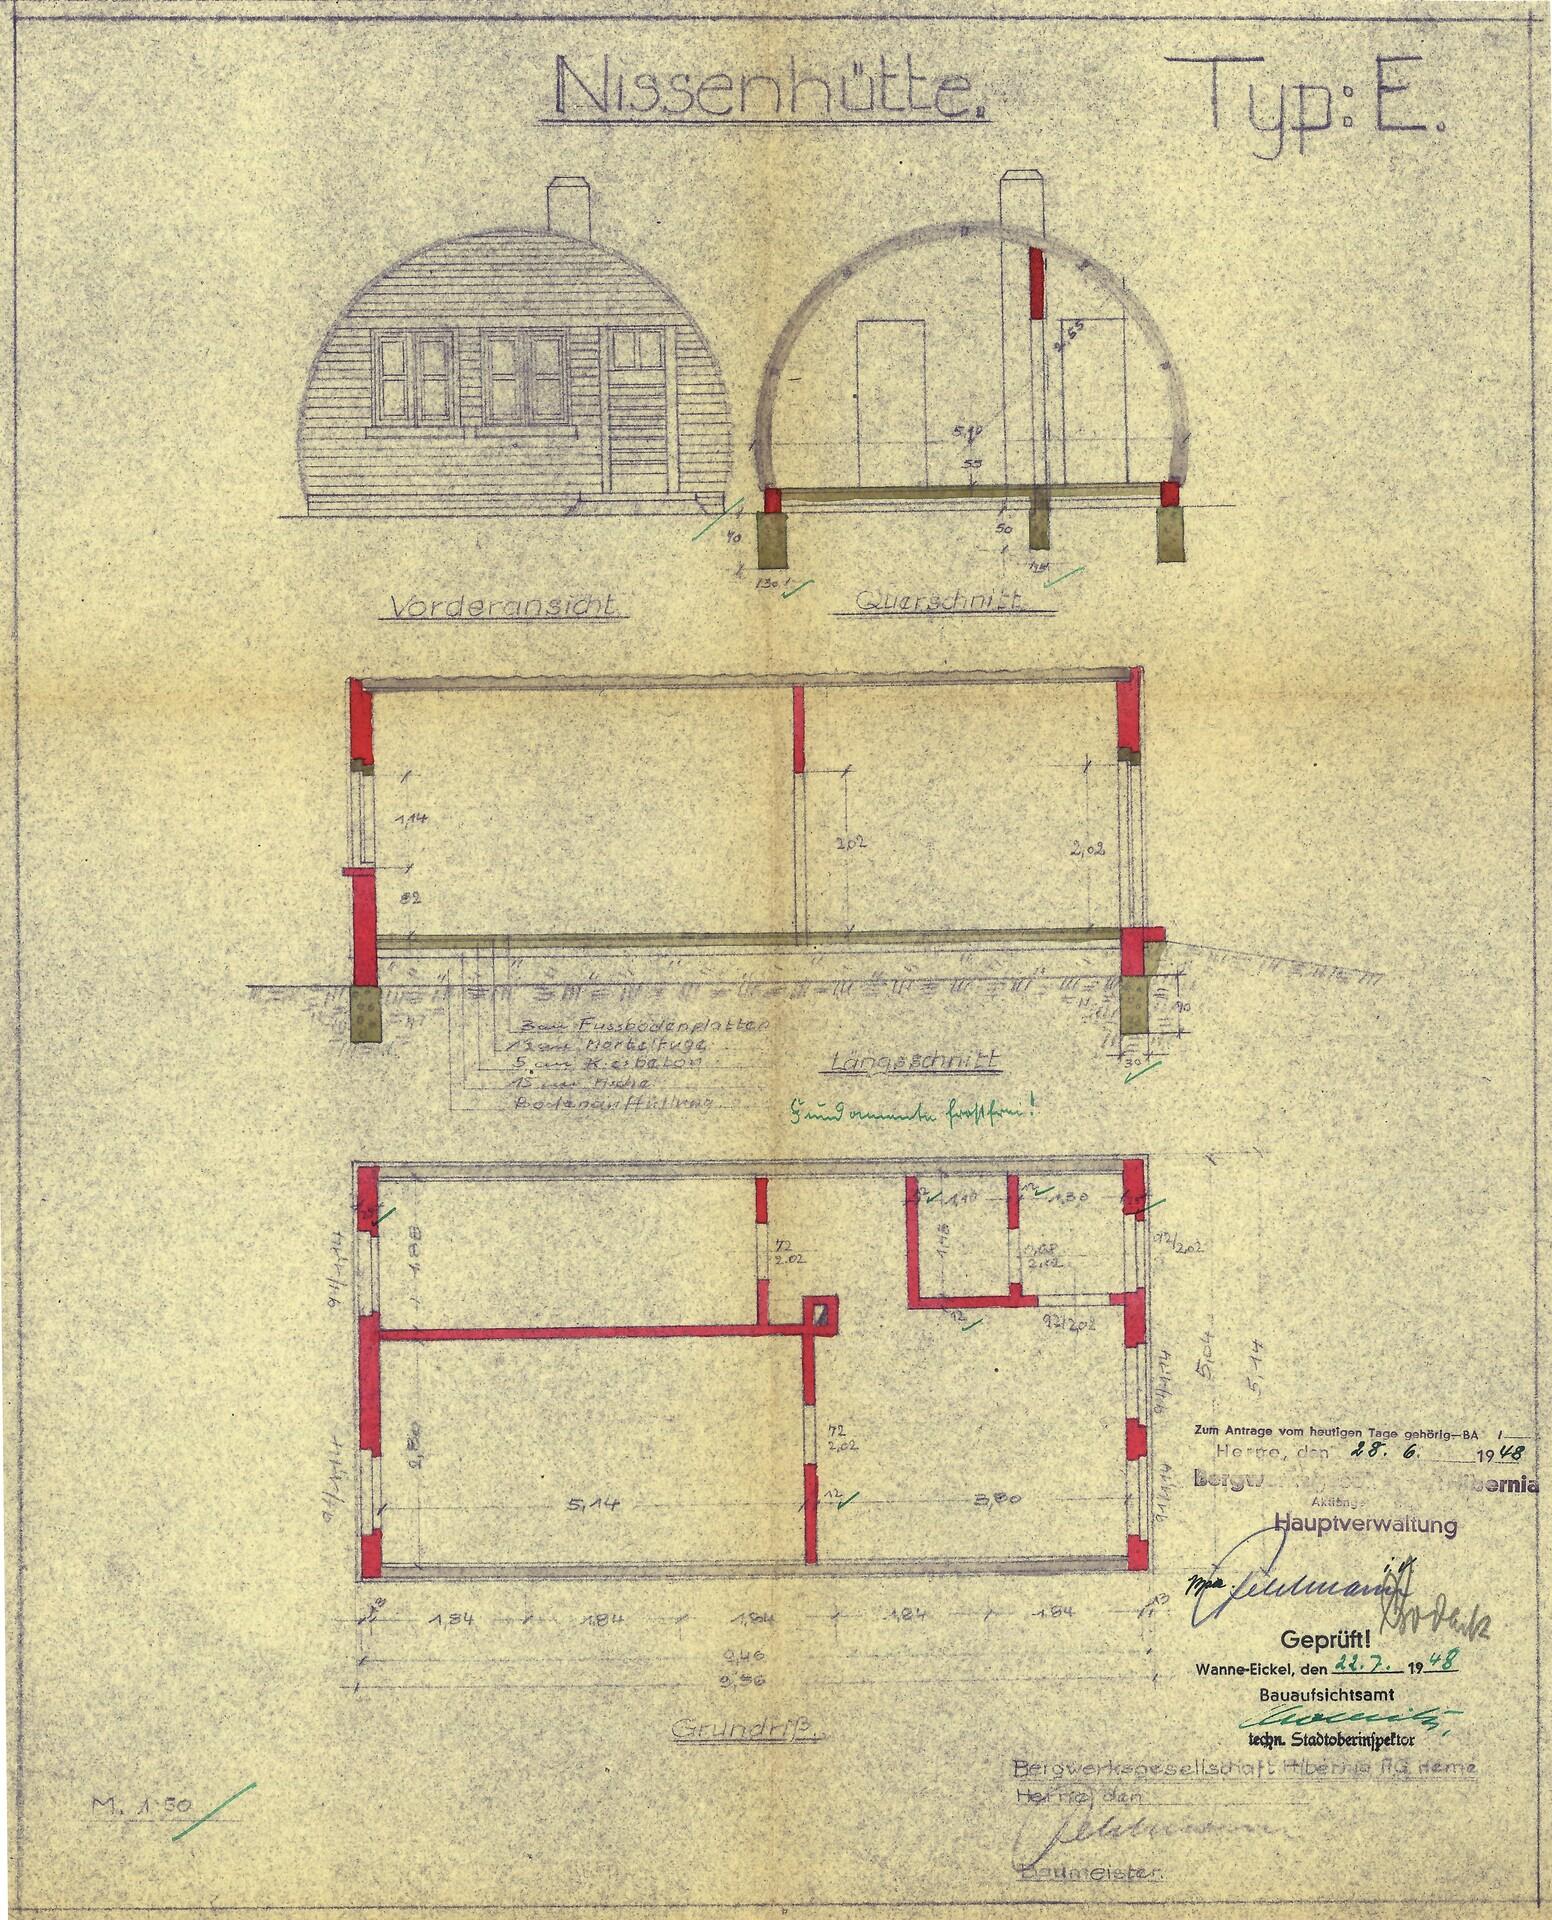 Bauchzeichnung Nissenhütte Typ E_1948.jpg